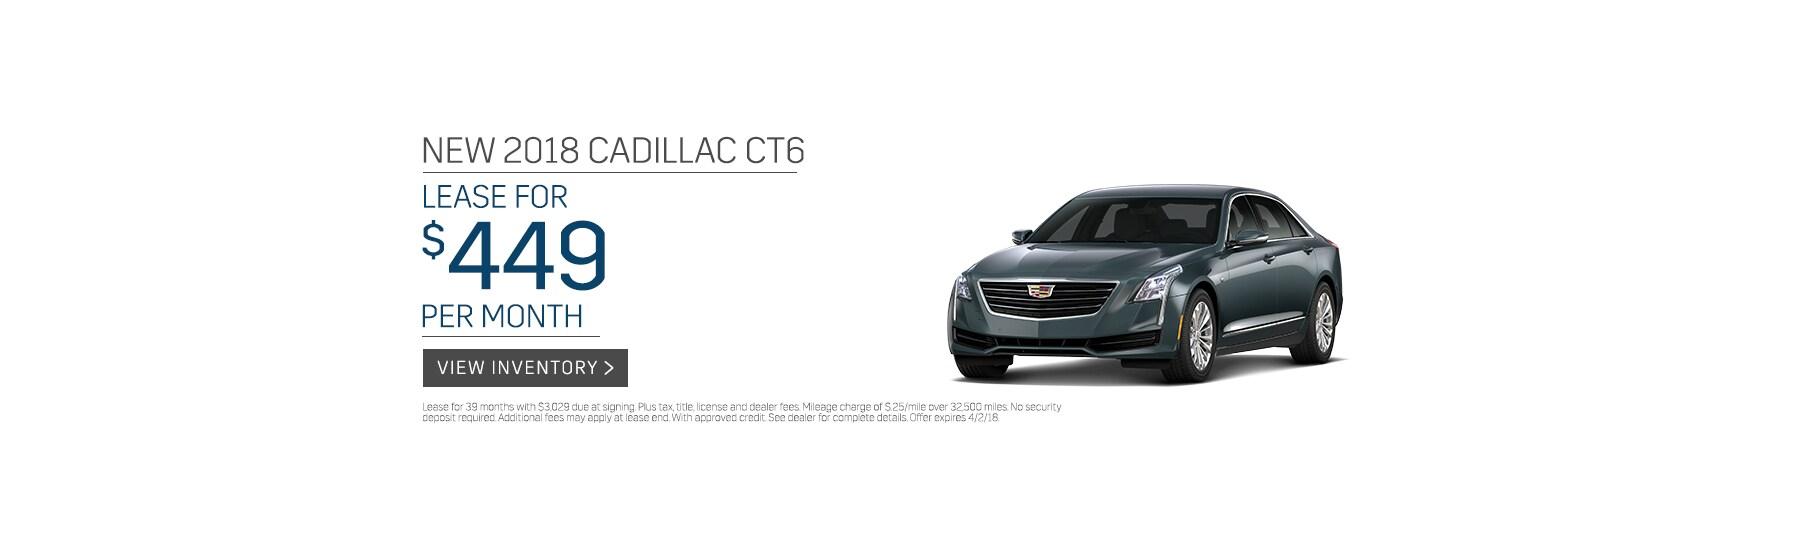 Bob Moore Cadillac Group New Cadillac And Used Vehicle - Cadillac dealer okc